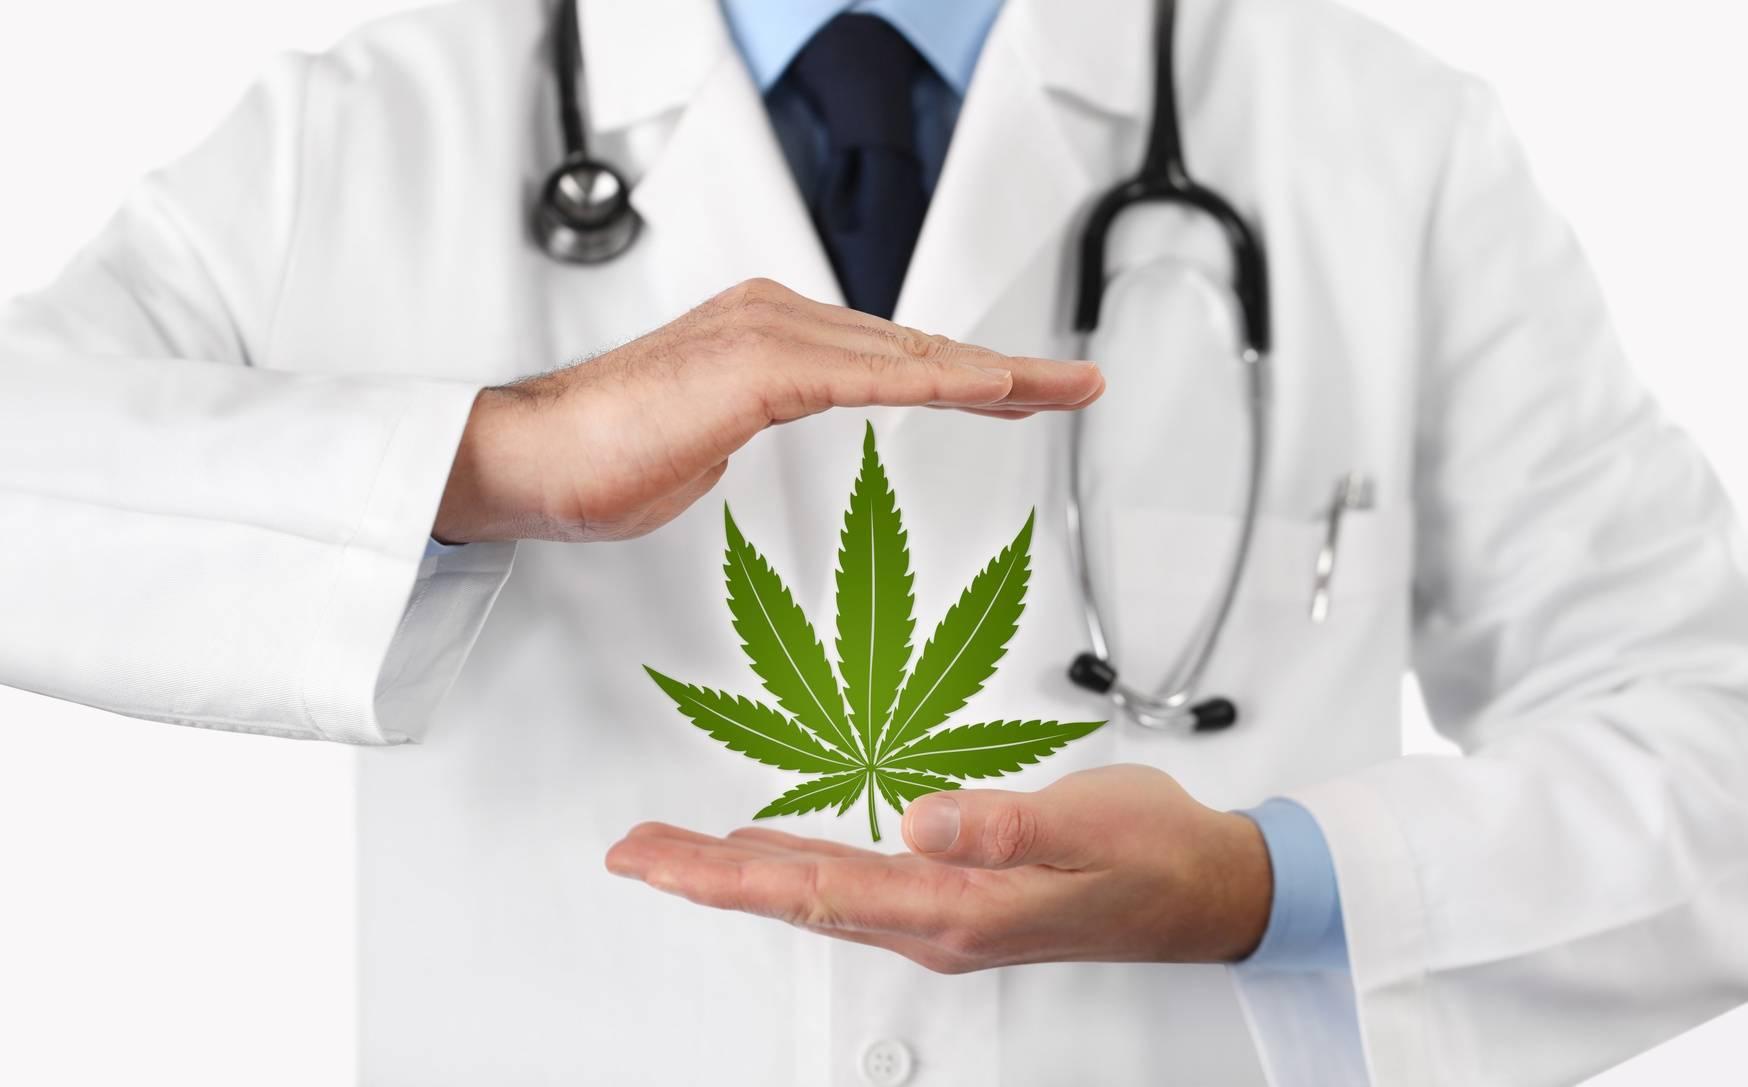 Czym jest układ endokannabinoidowy i jaką pełni funkcję w organizmie? Lekarz prezentuje liść medycznej marihuany.